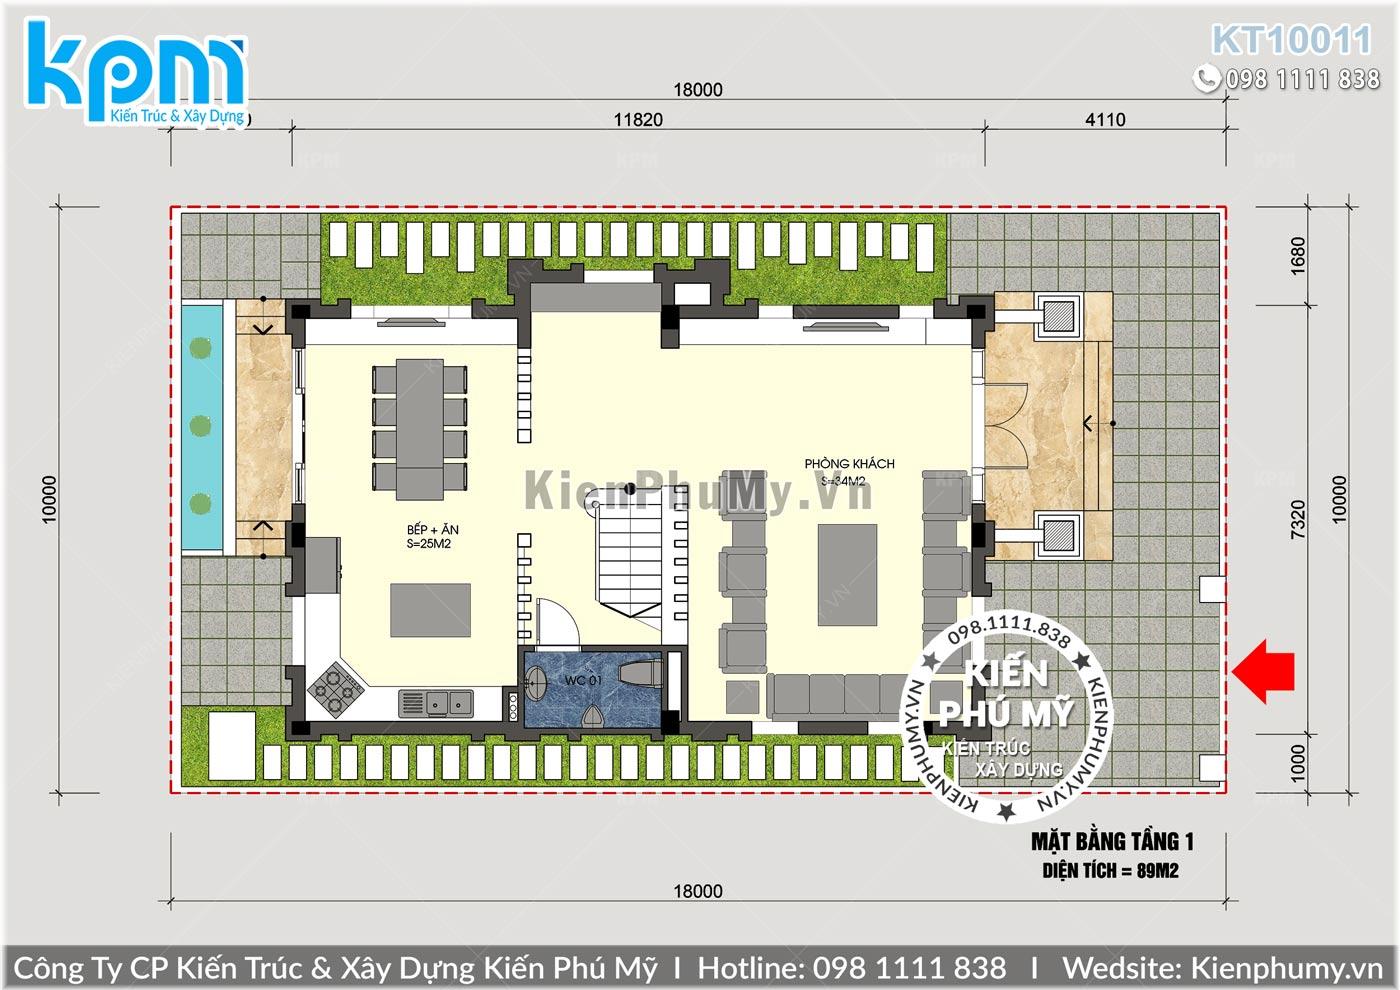 Bản vẽ biệt thự tân cổ điển 3 tầng 90m2 mặt tiền rộng 7m